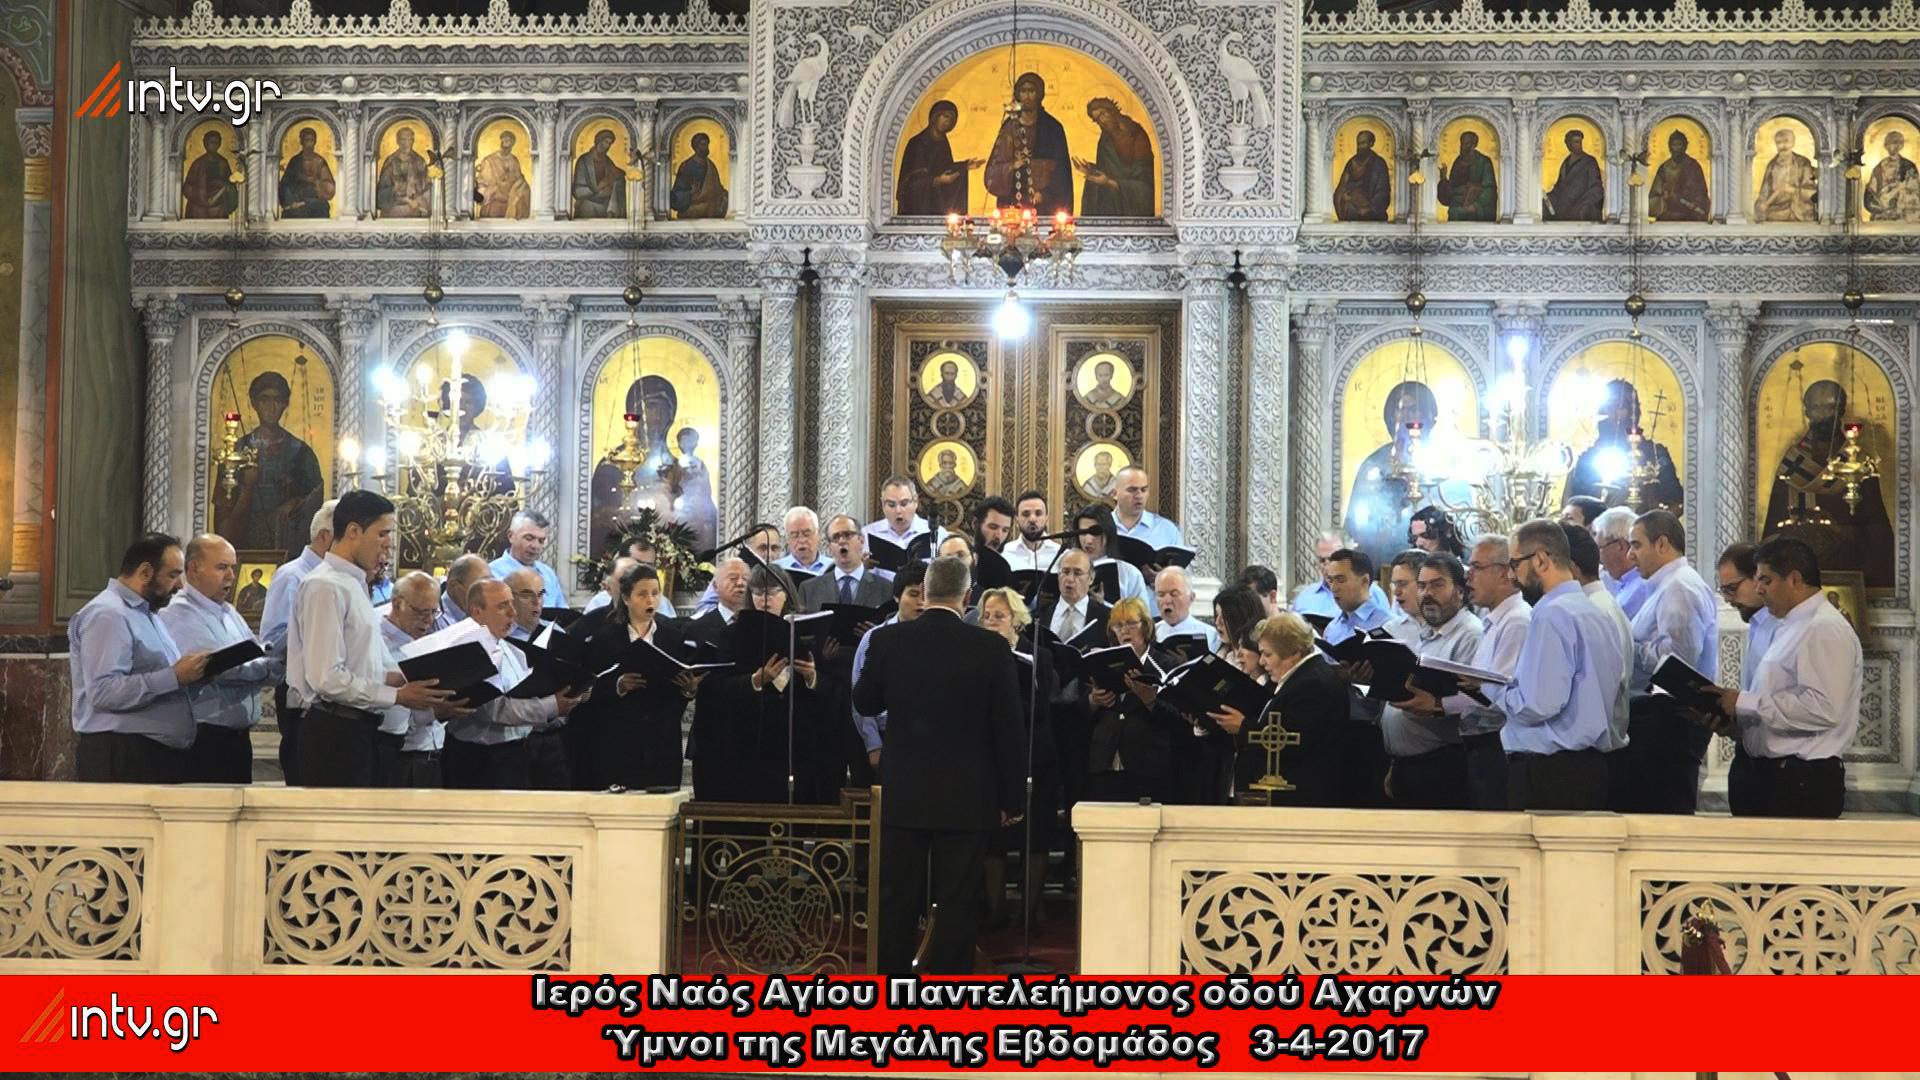 Ιερός Ναός Αγίου Παντελεήμονος οδού Αχαρνών - ΄Υμνοι της Μεγάλης Εβδομάδος